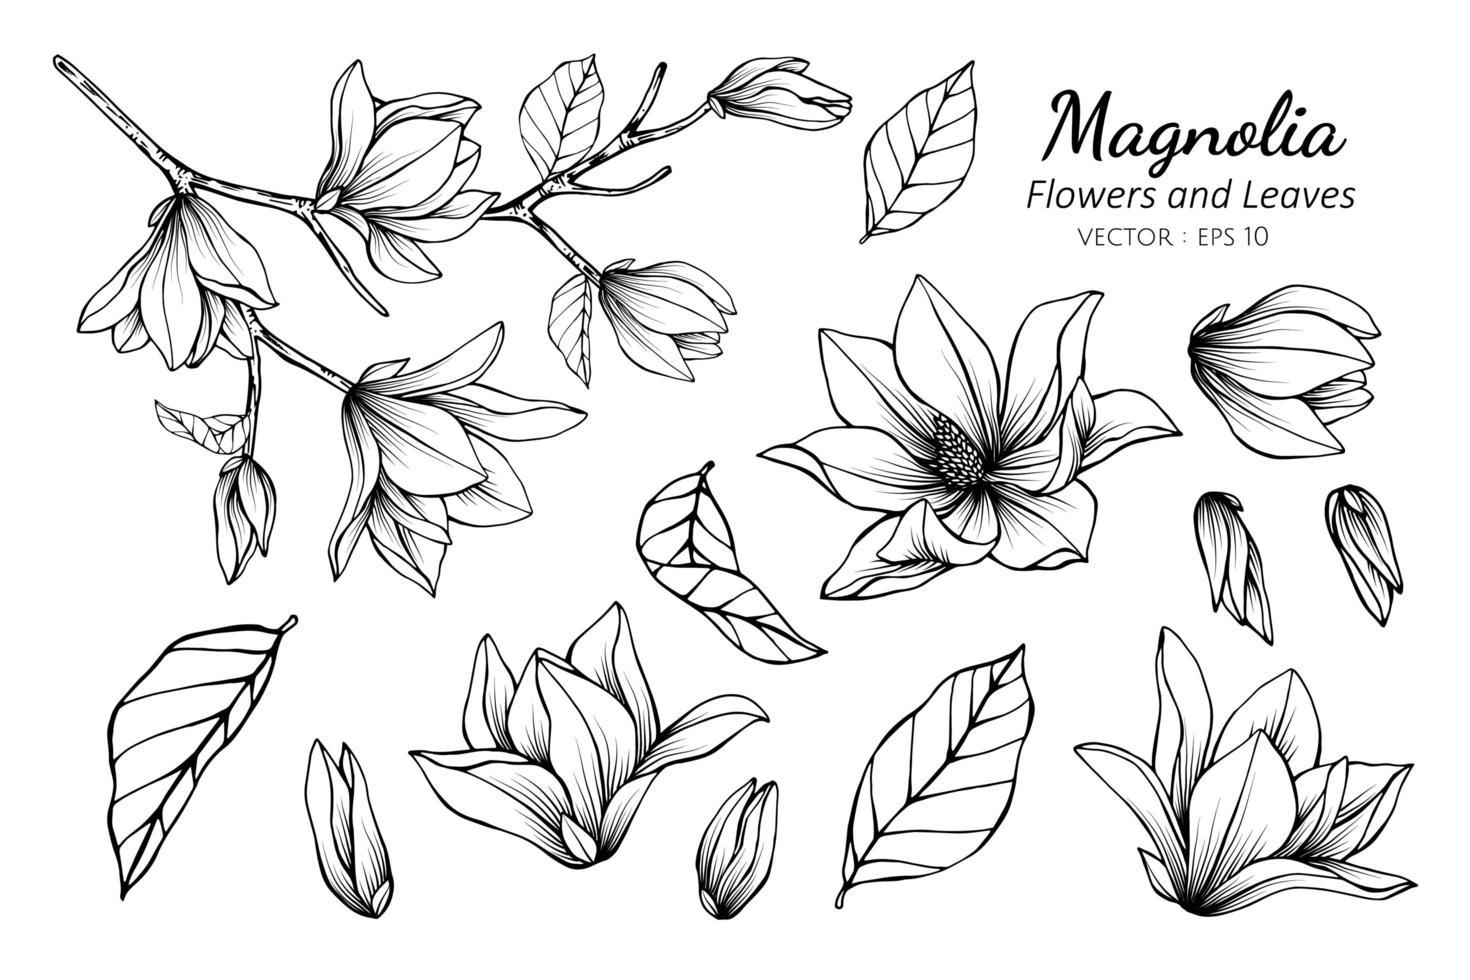 raccolta di magnolie e foglie vettore